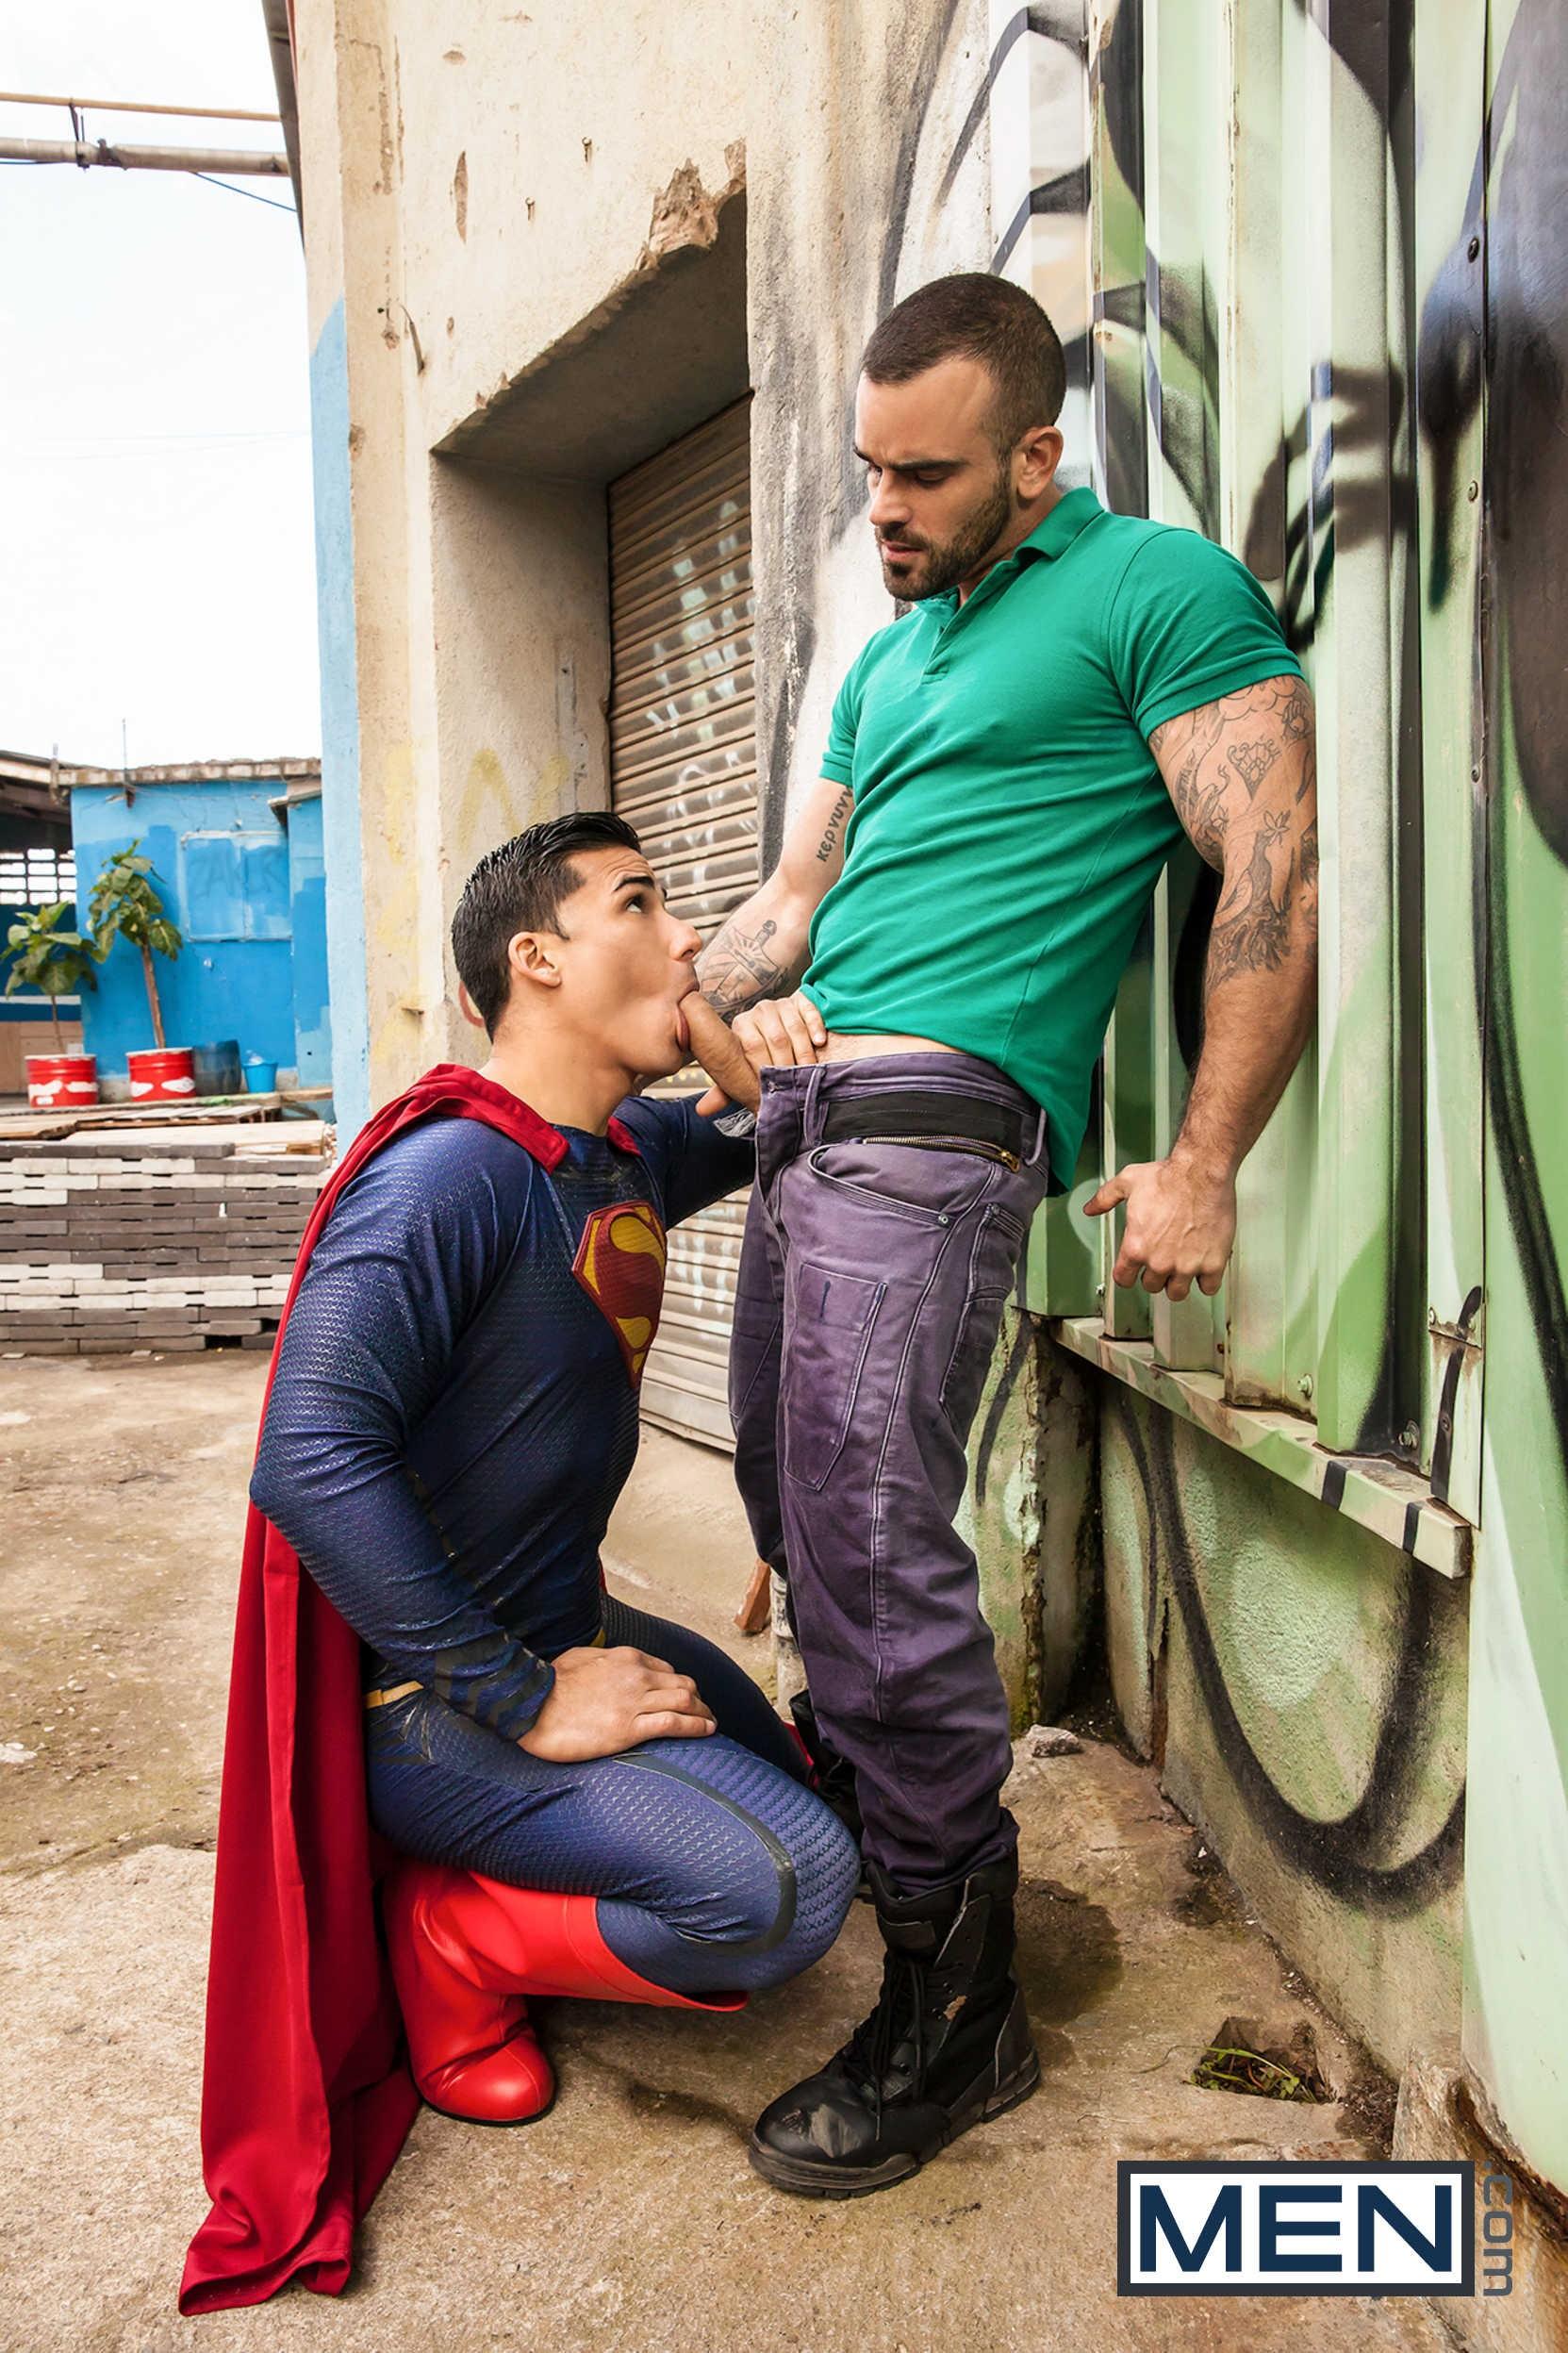 Too yummy,yummy,gulp wonder woman batman vs superman porno fisting Nice